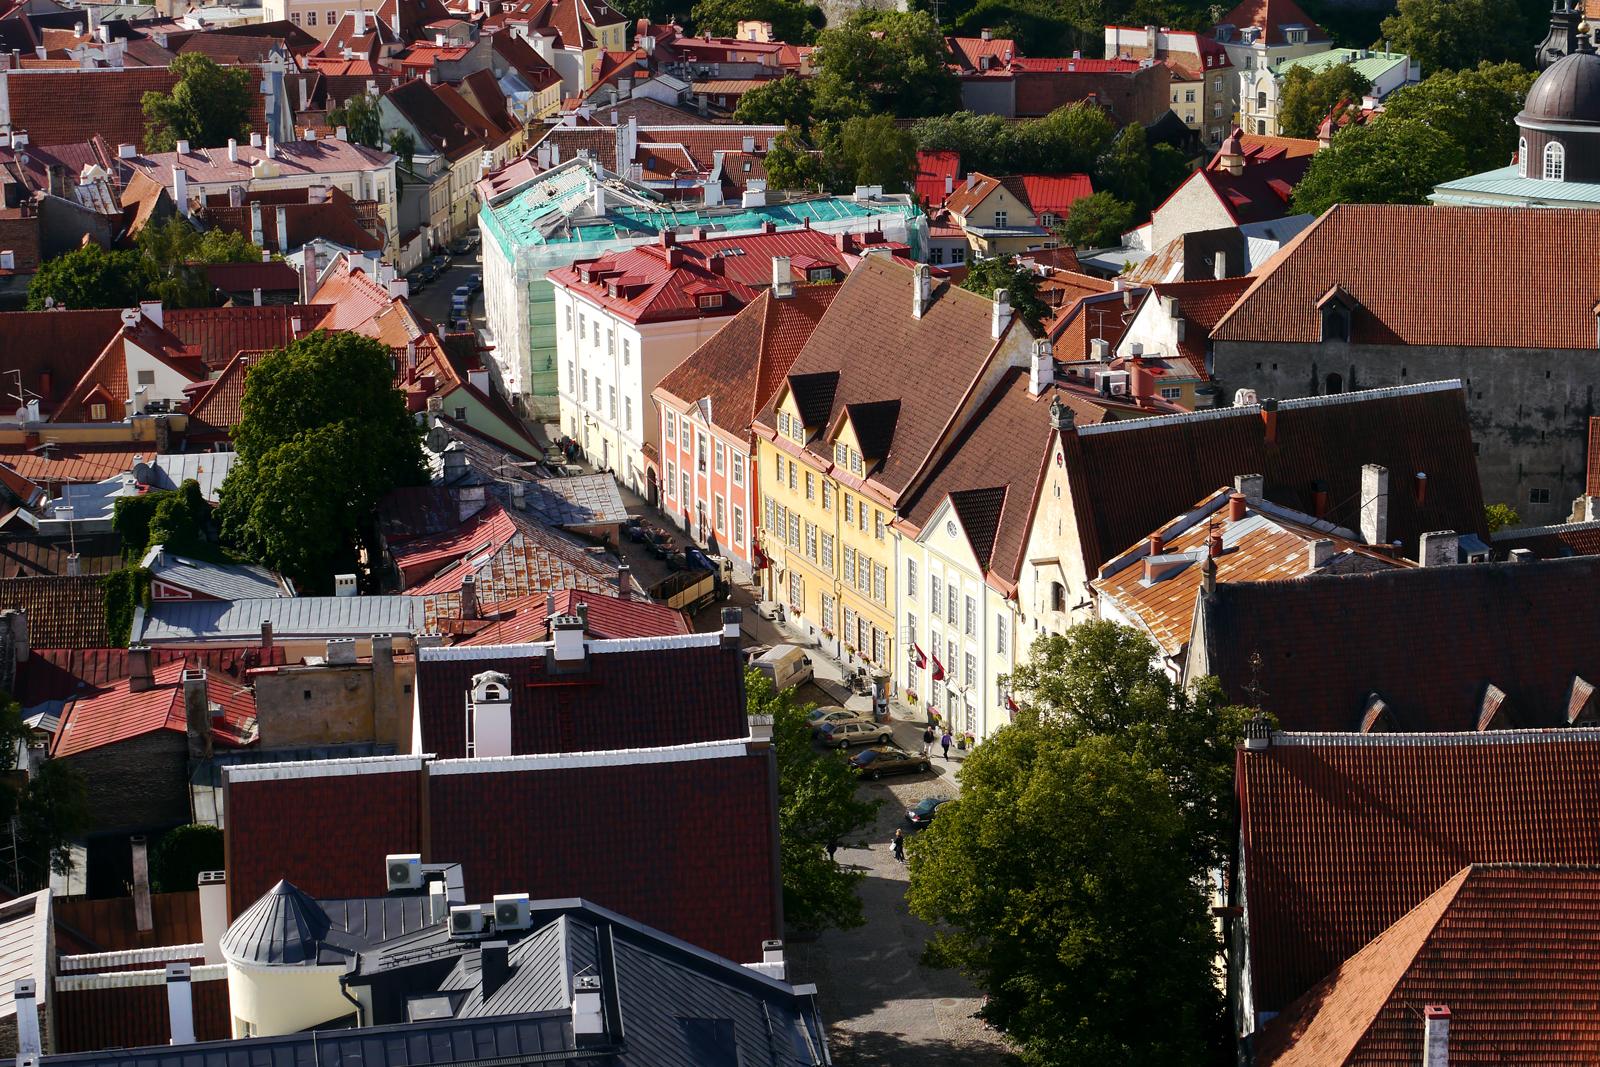 Ausblick über die Dächer von Tallinn.